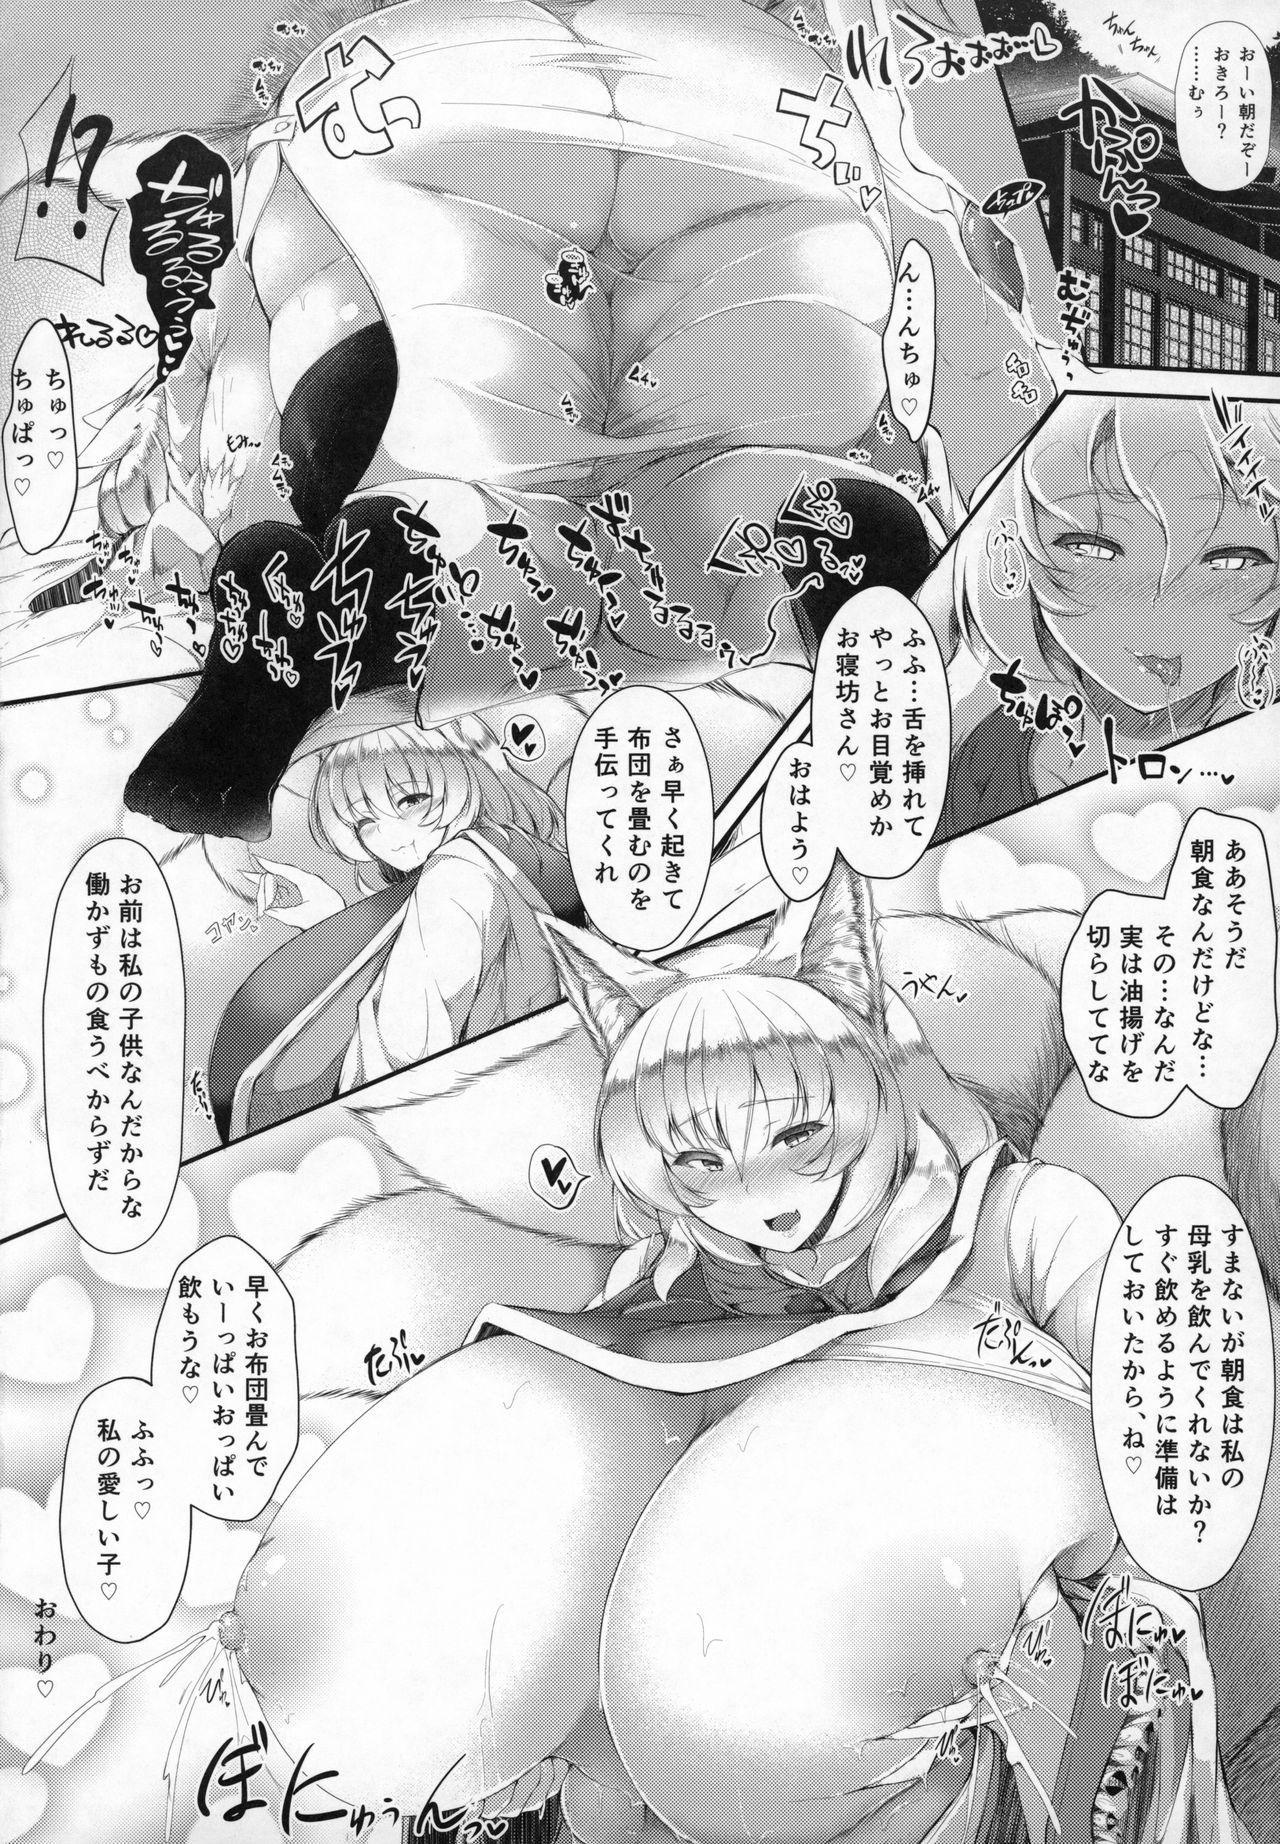 (Shuuki Reitaisai 6) [Muremure Kaisendon (Ginzake)] Ran-sama wa Attaka Mofumofu Bonyubonyu Kitsune no Okaa-san (Touhou Project) 16